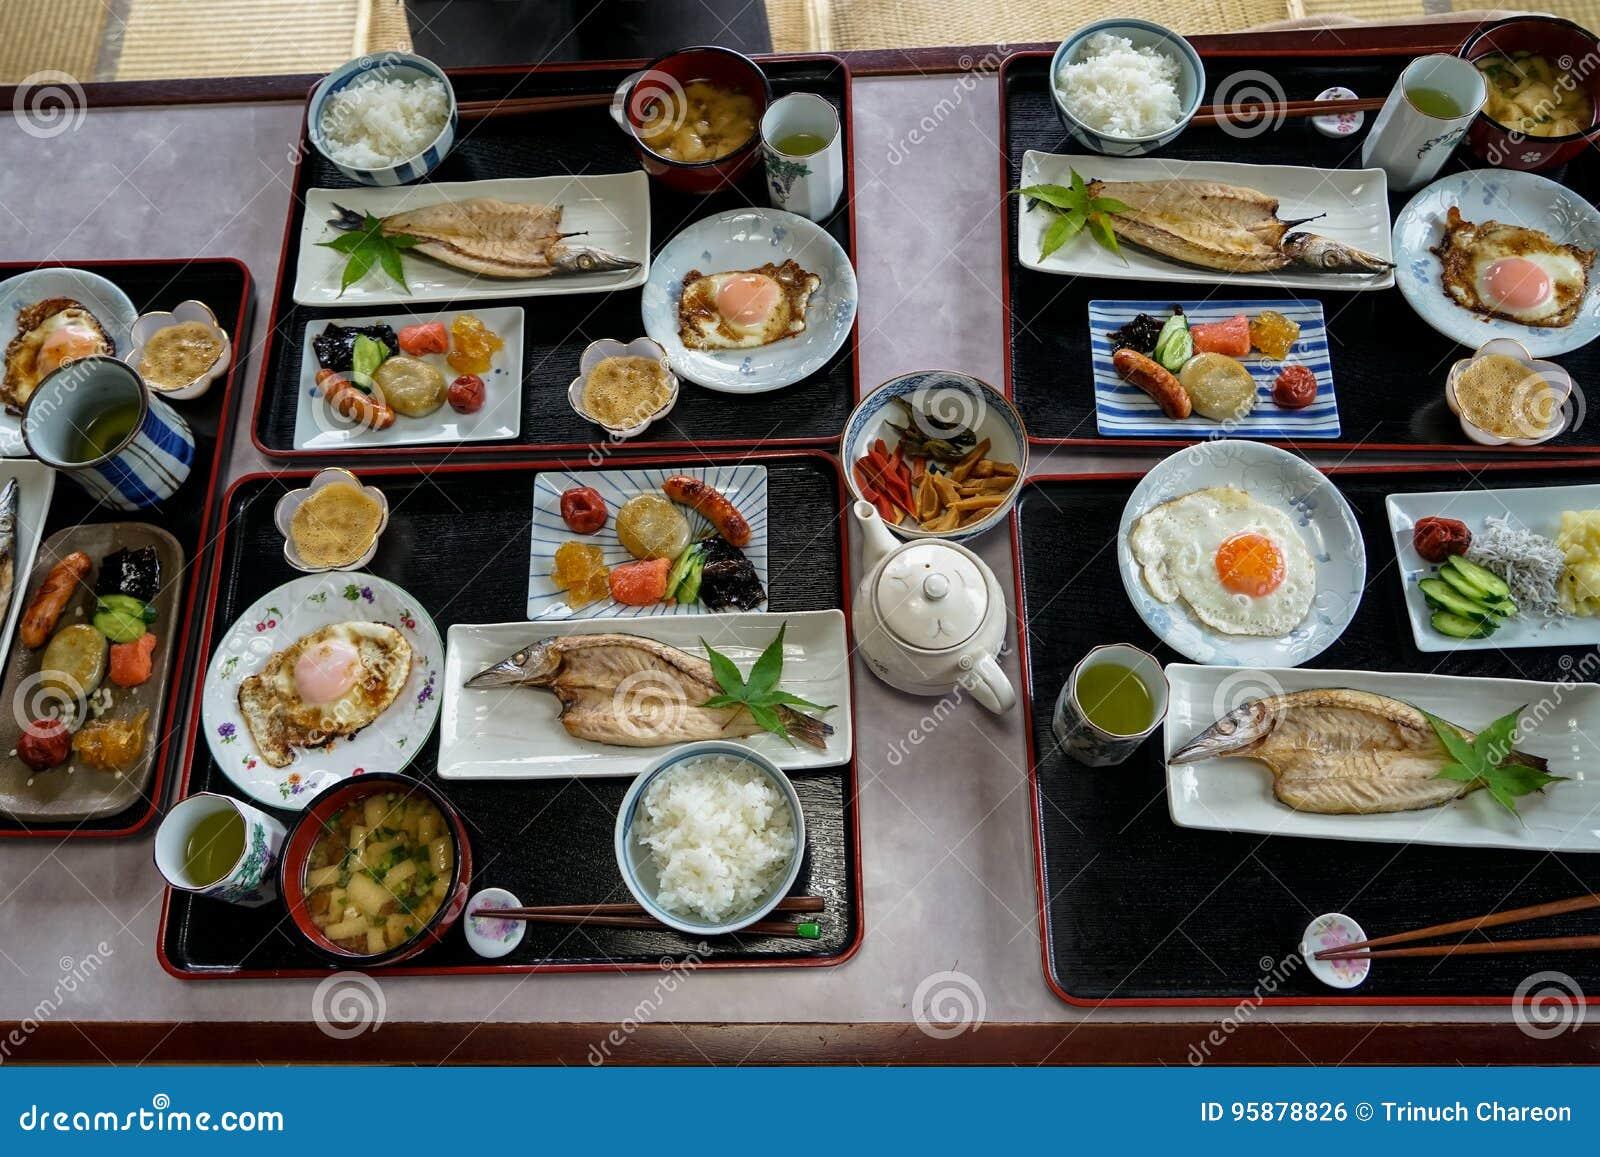 Bandeja japonesa del desayuno del homestay incluyendo el arroz blanco cocinado, pescados asados a la parrilla, el huevo frito, la